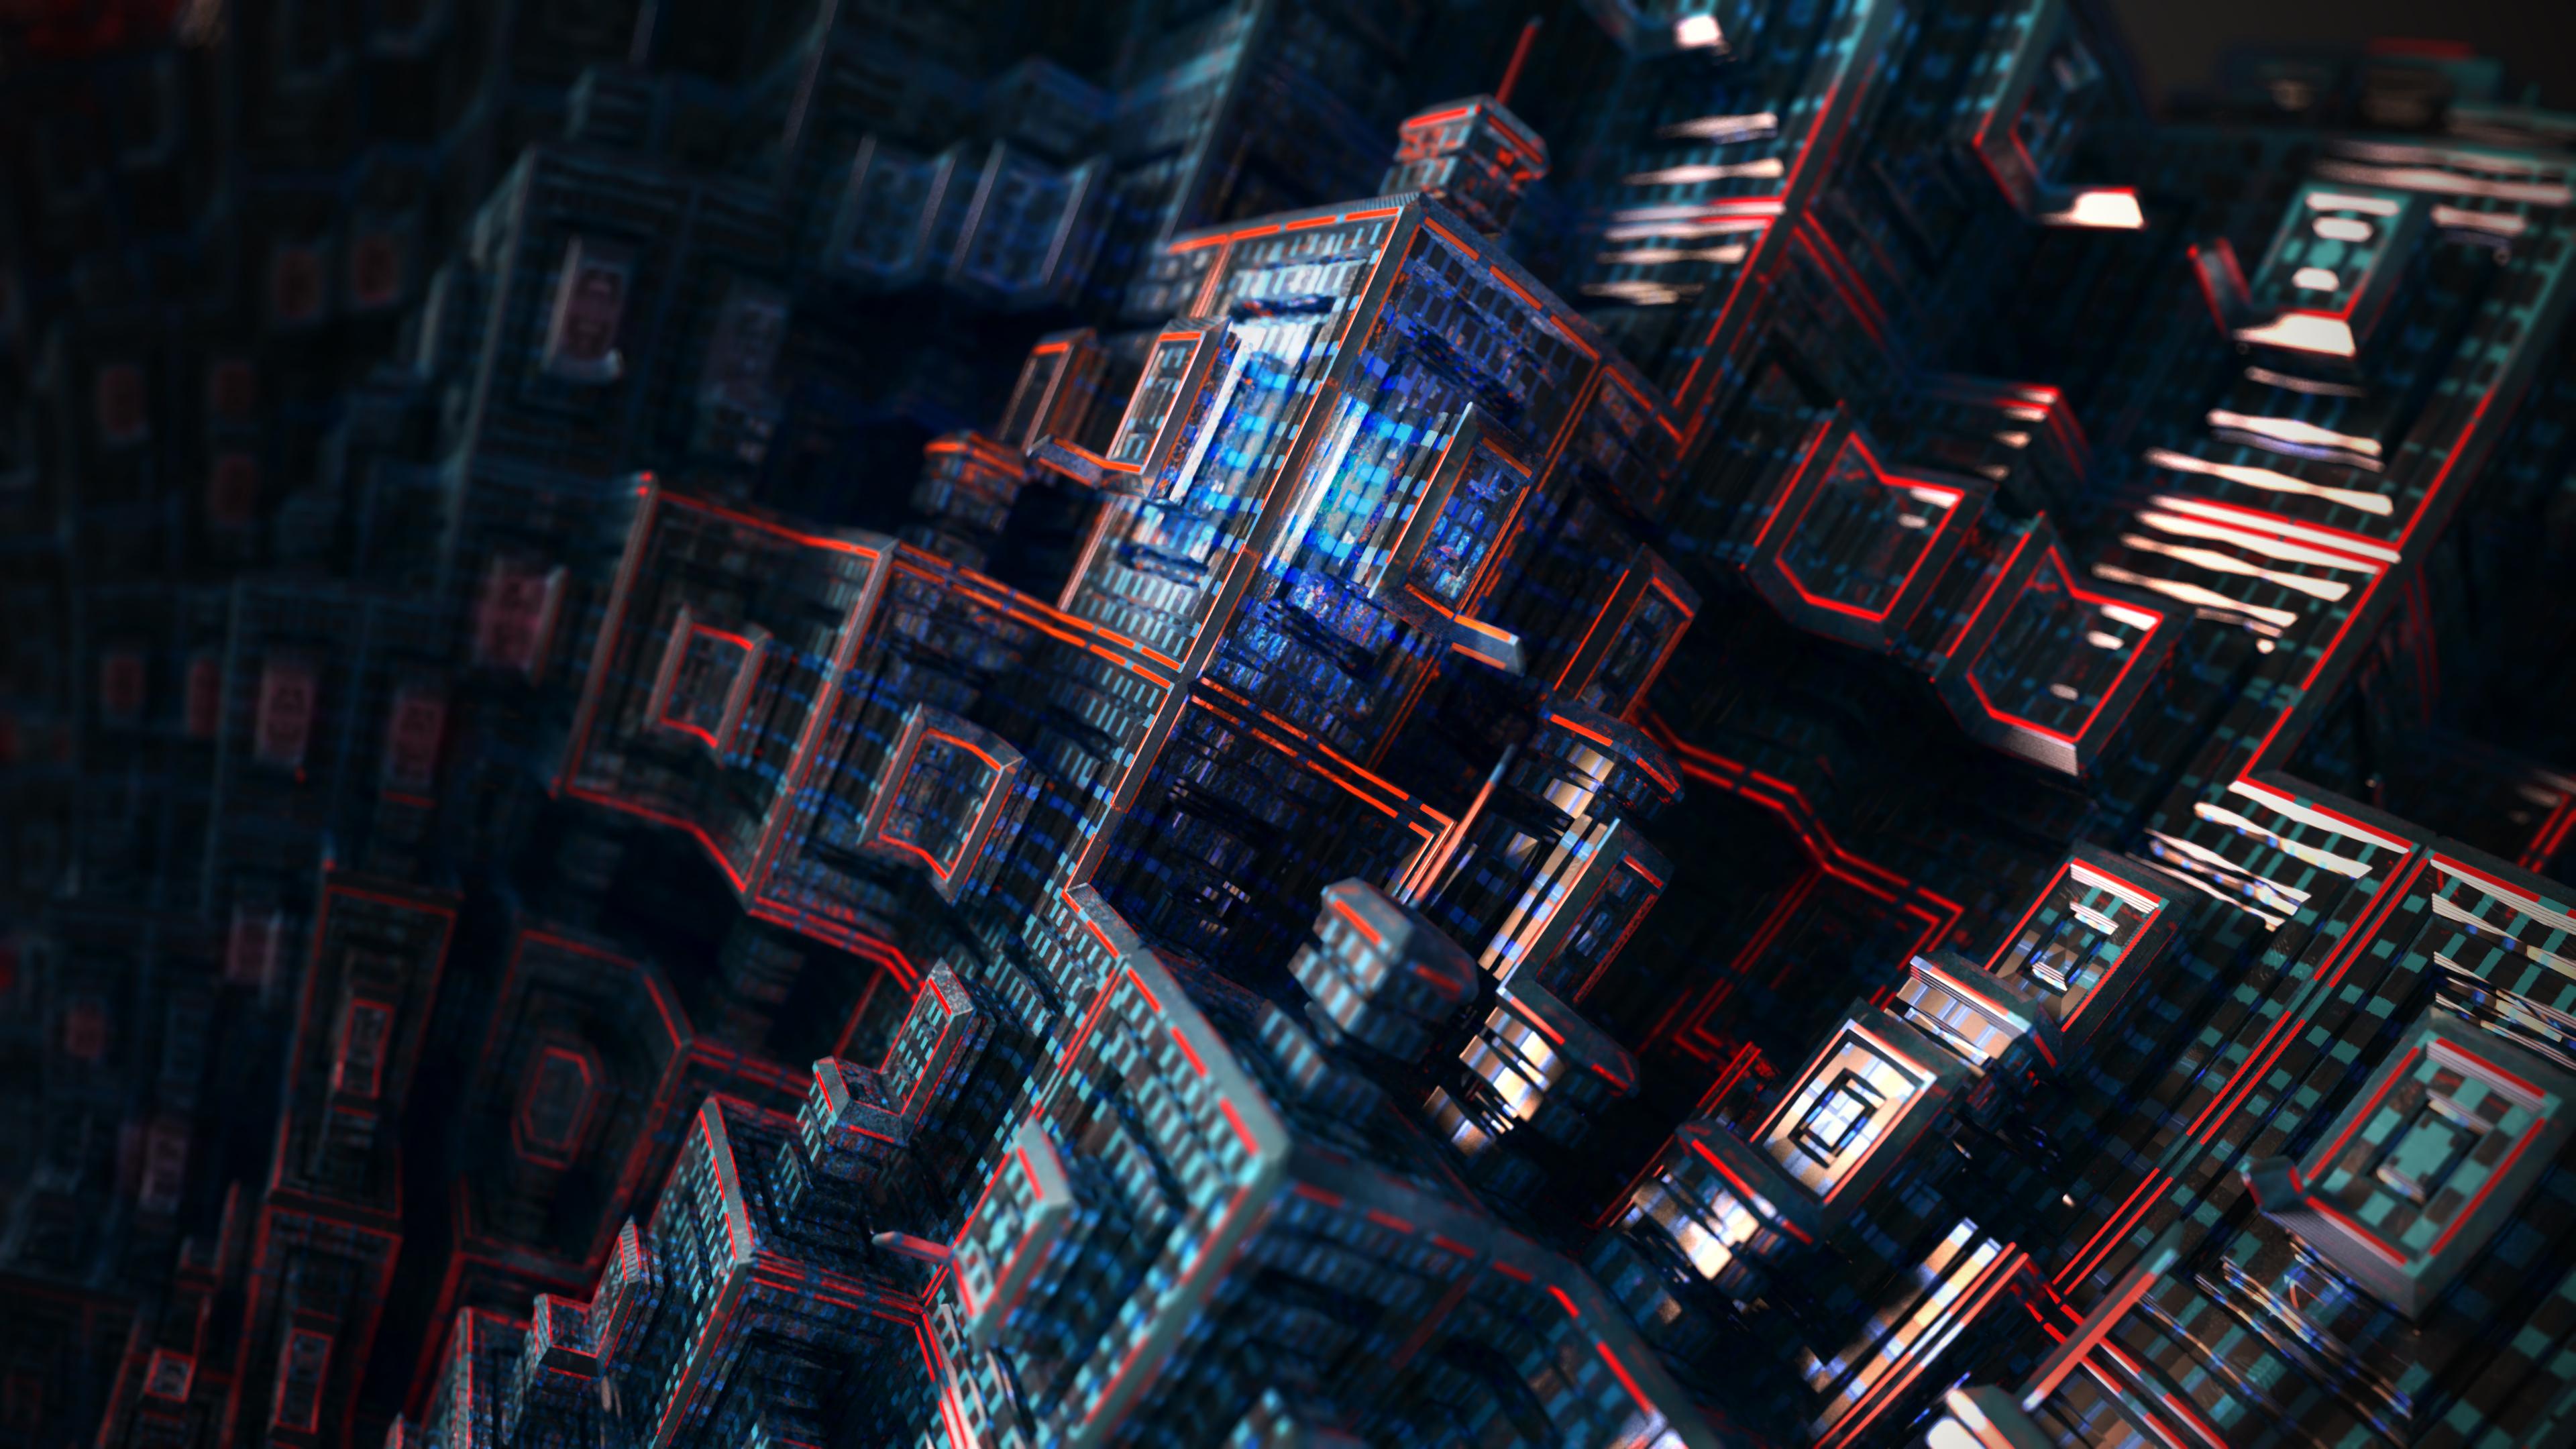 Абстрактная композиция геометрических форм с неоновой подсветкой